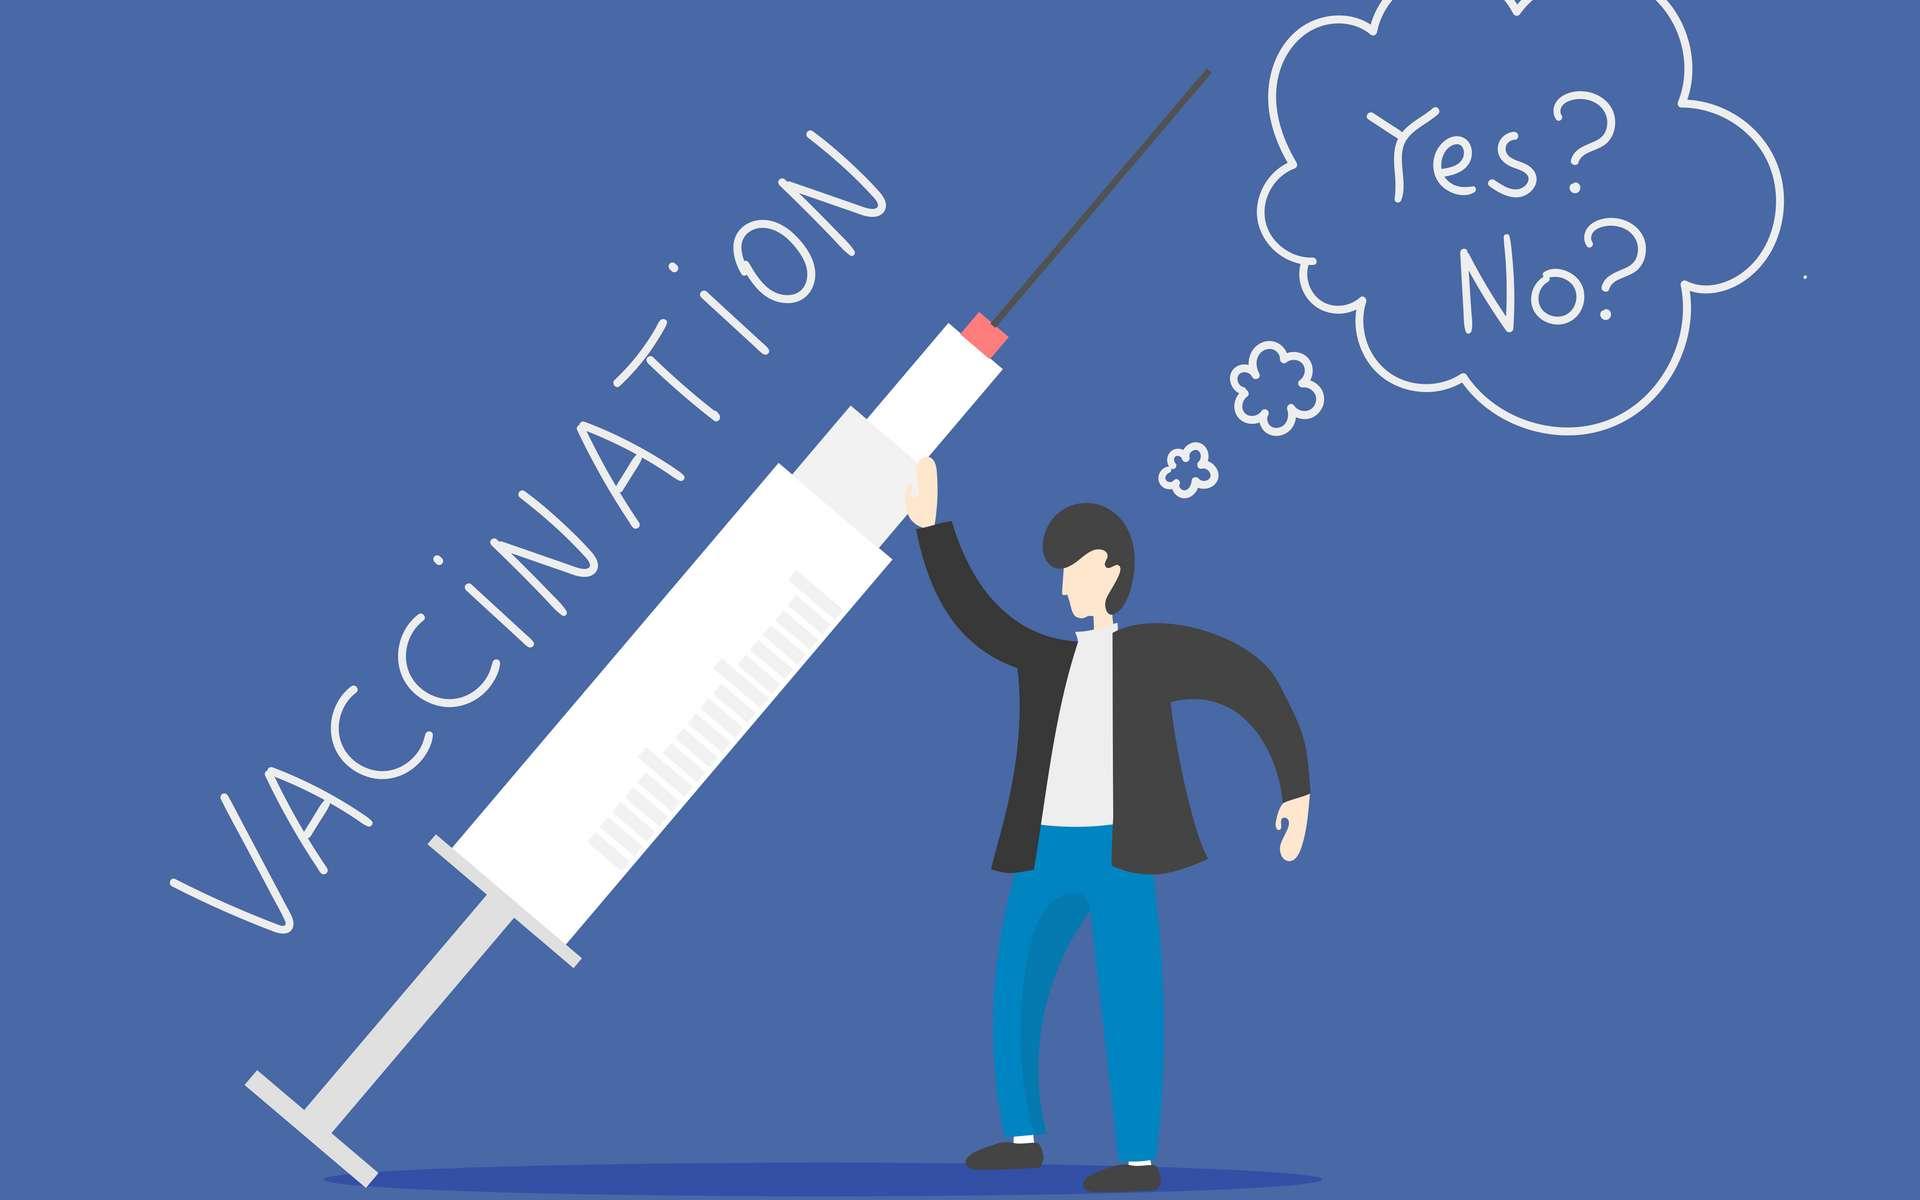 Et si les nudges pouvaient nous aider à prendre la bonne décision concernant la vaccination ? © d_odin, Adobe Stock